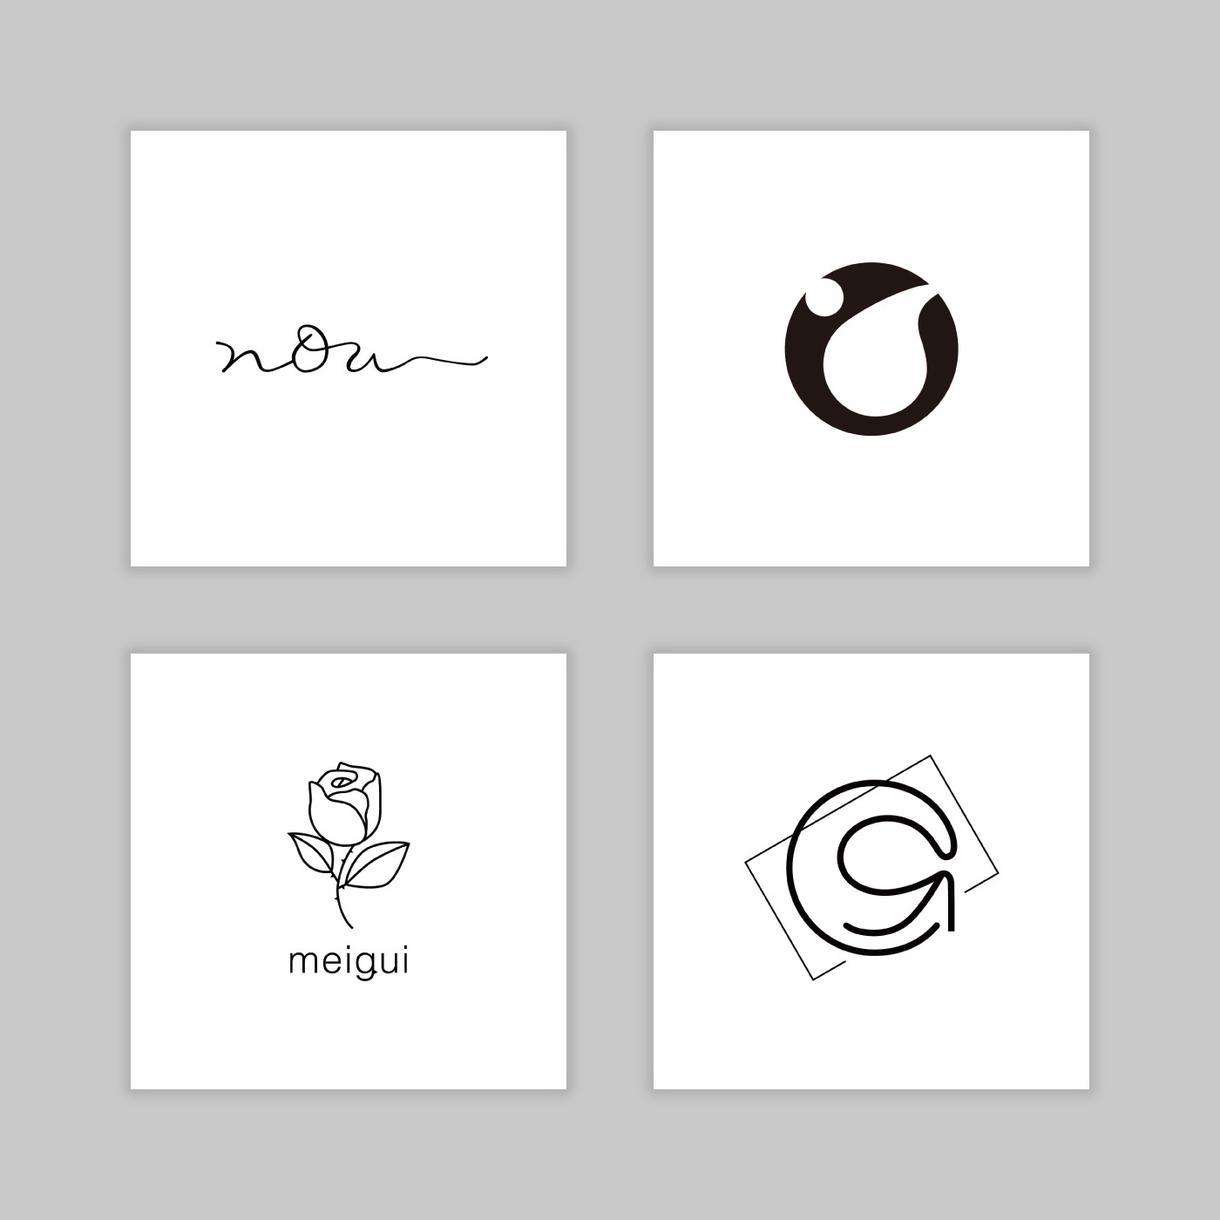 お手頃価格で!高品質なロゴを制作します 修正回数制限なし!あなたの理想のロゴを一緒に考えます